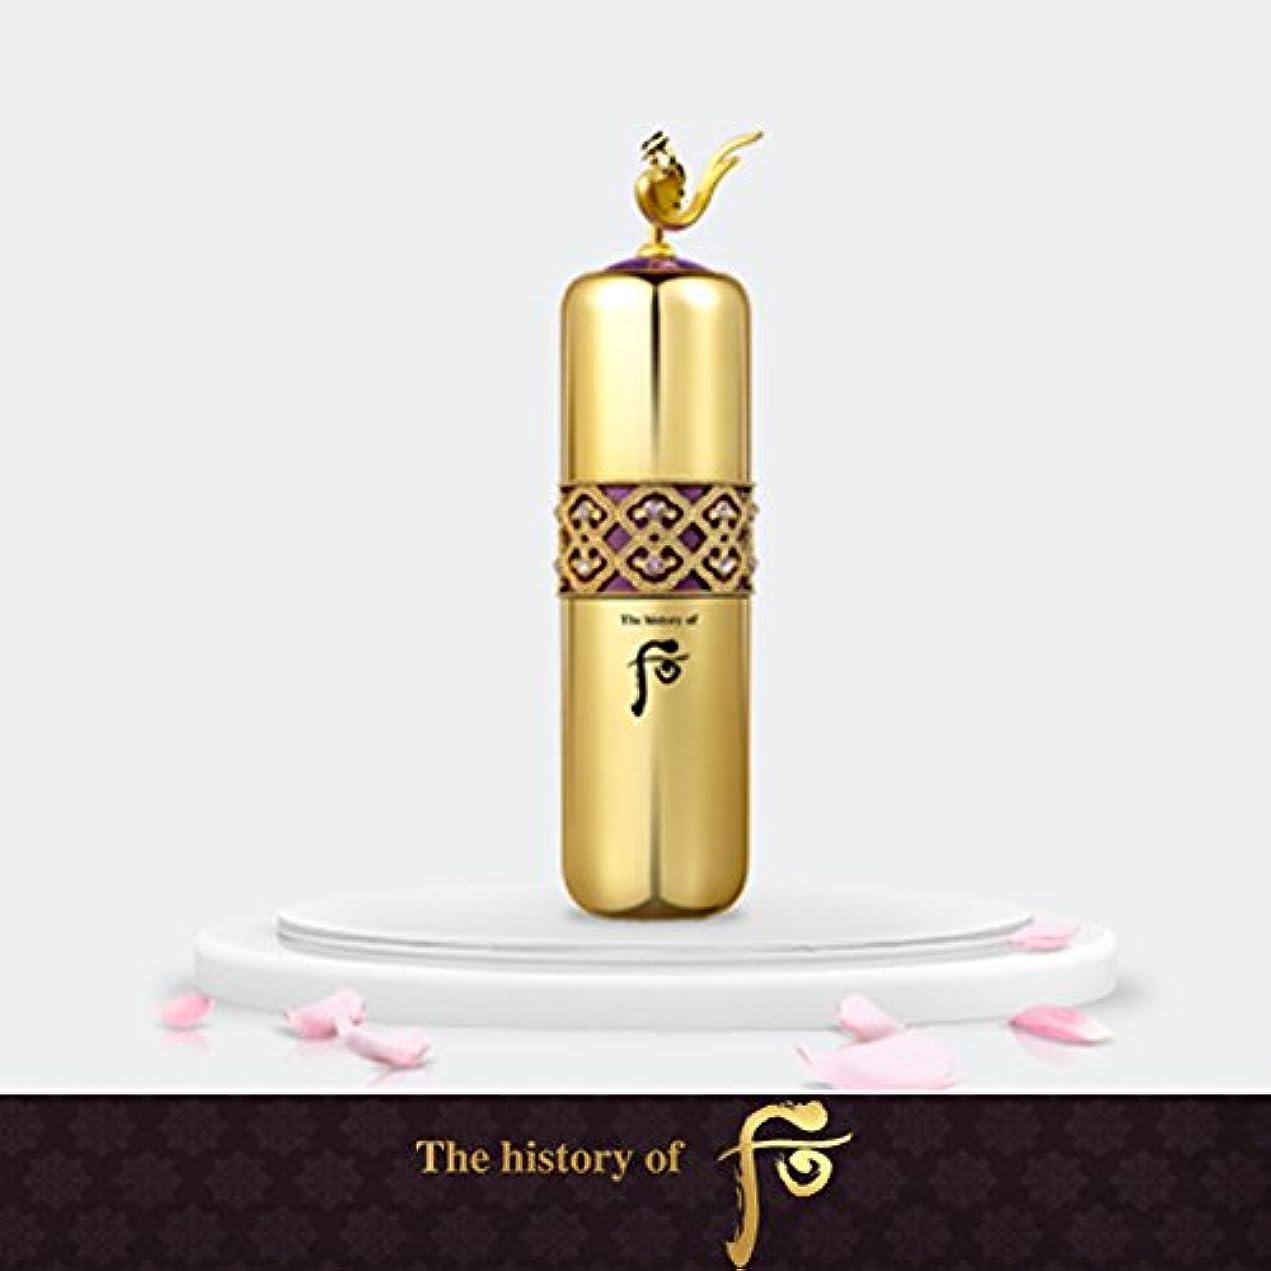 管理します誓約日曜日【フー/The history of whoo] Whoo后 Hwanyu Signature Ampoule/后(フー)よりヒストリー?オブ?後環留保額アンプル40ml+[Sample Gift](海外直送品)